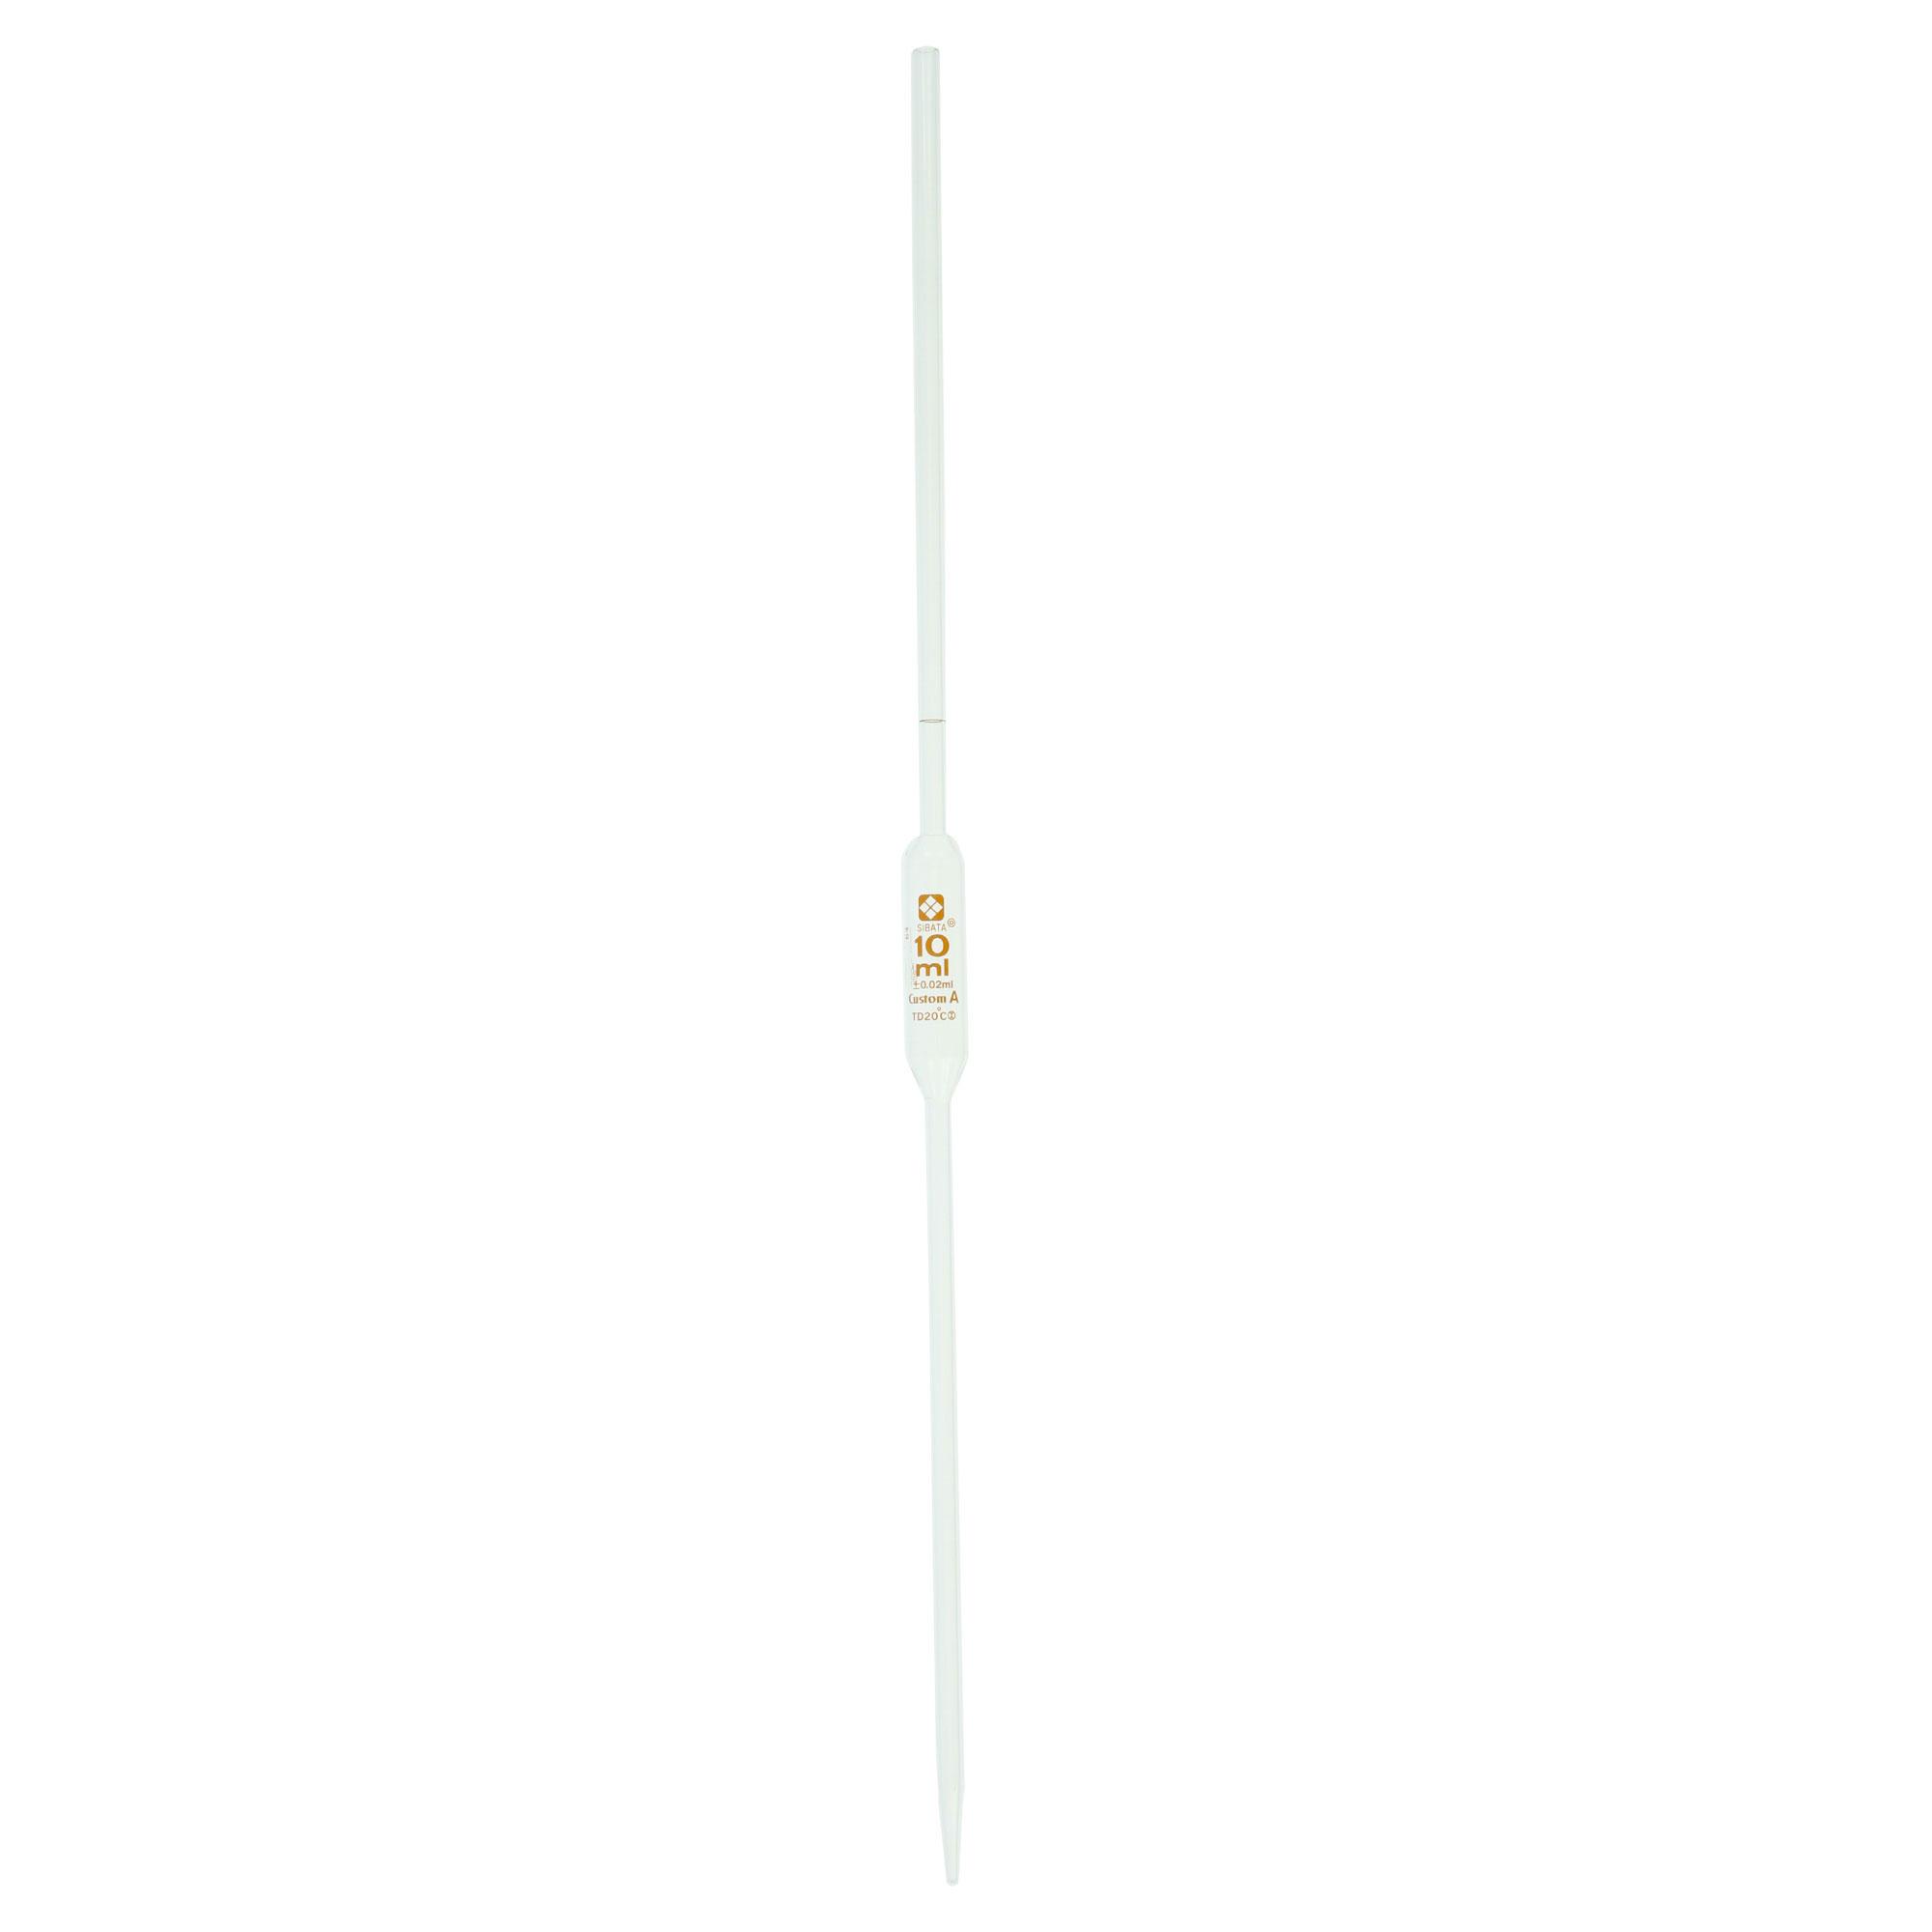 ホールピペット カスタムA 1mL(10本)